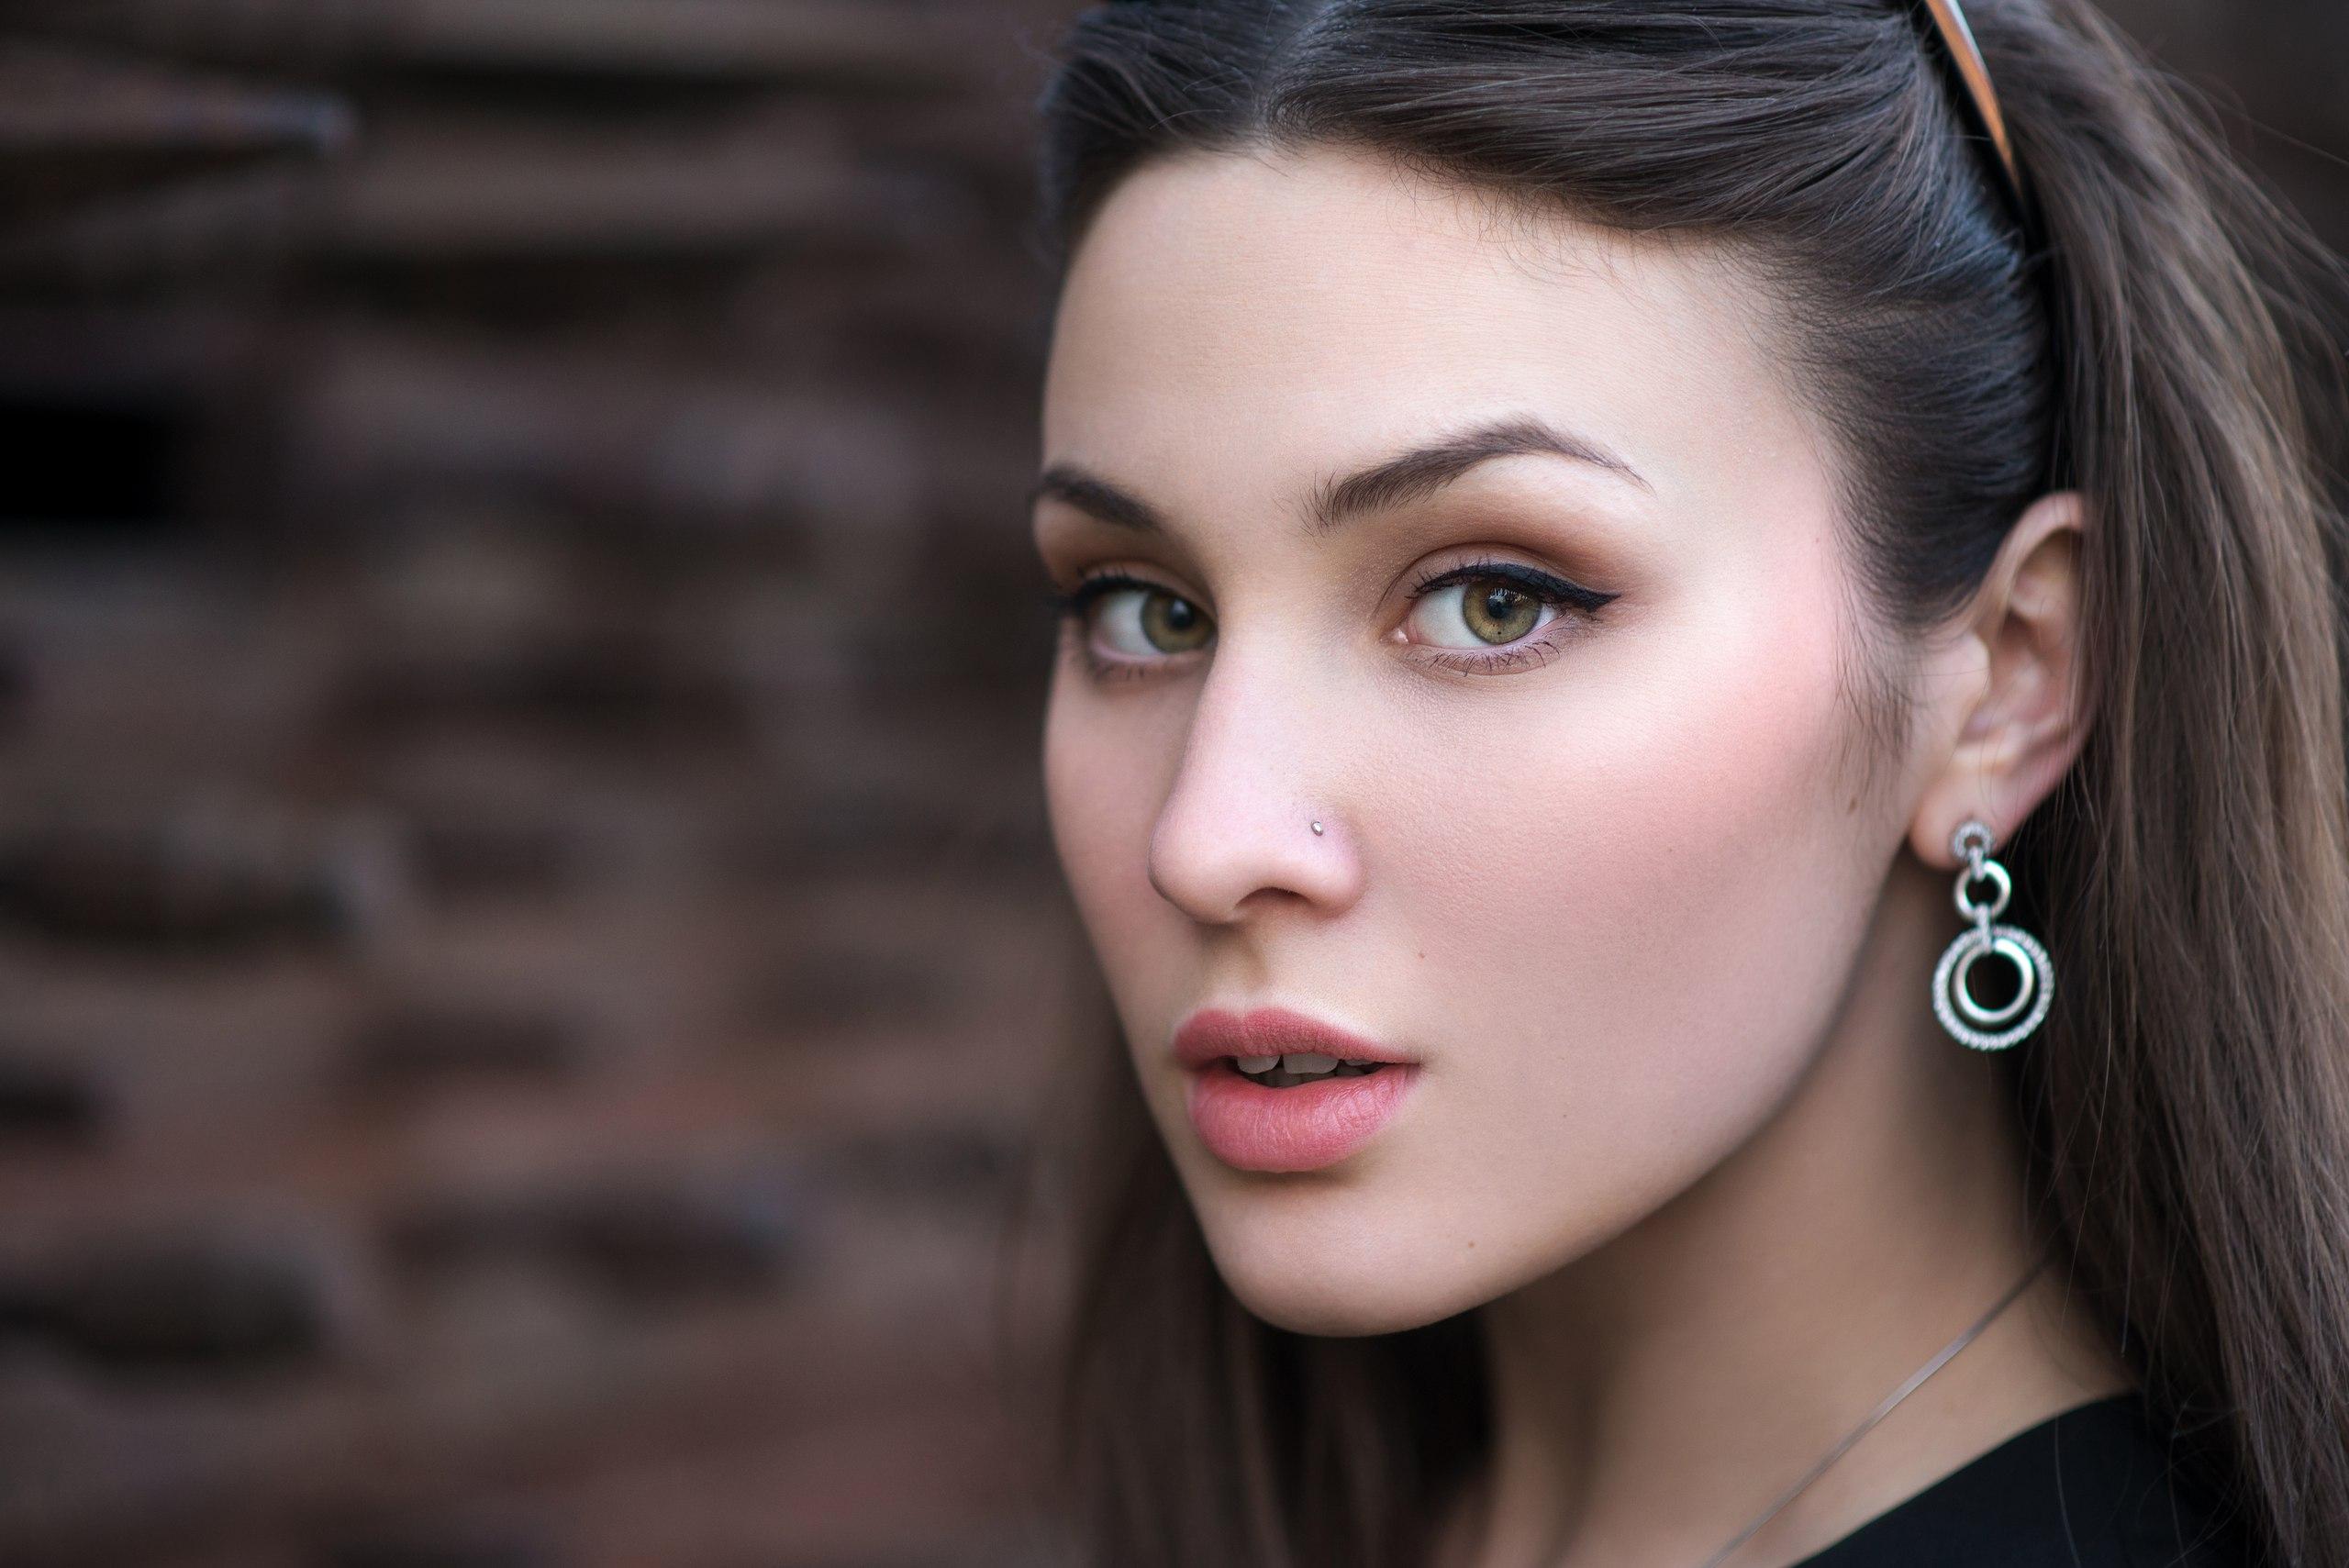 Анна Корсун или Maruv на фото